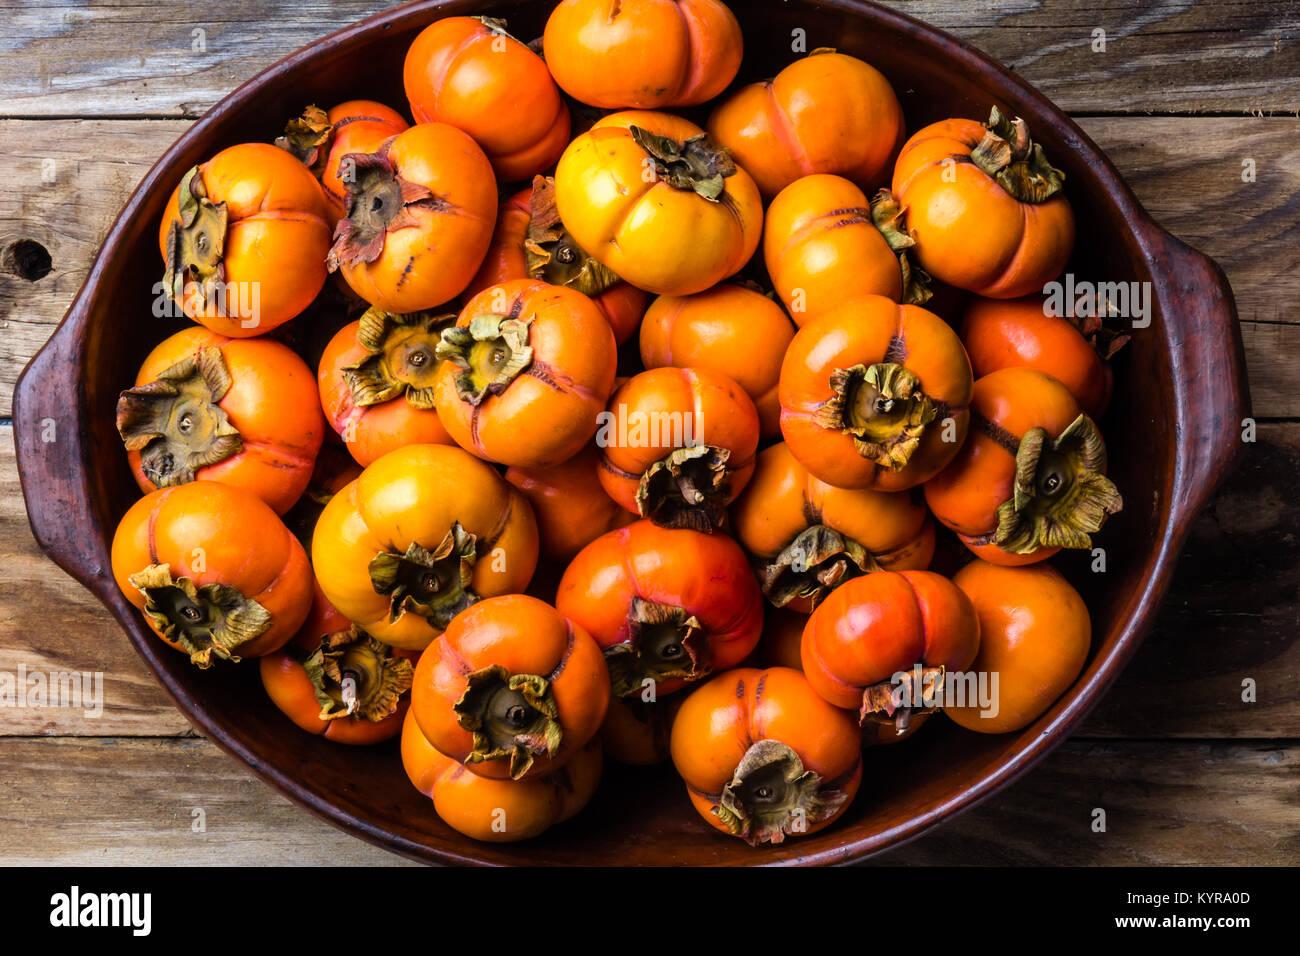 Topf mit frischen Früchten Persimone kaki auf alten Holz- Hintergrund. Platz kopieren Stockbild